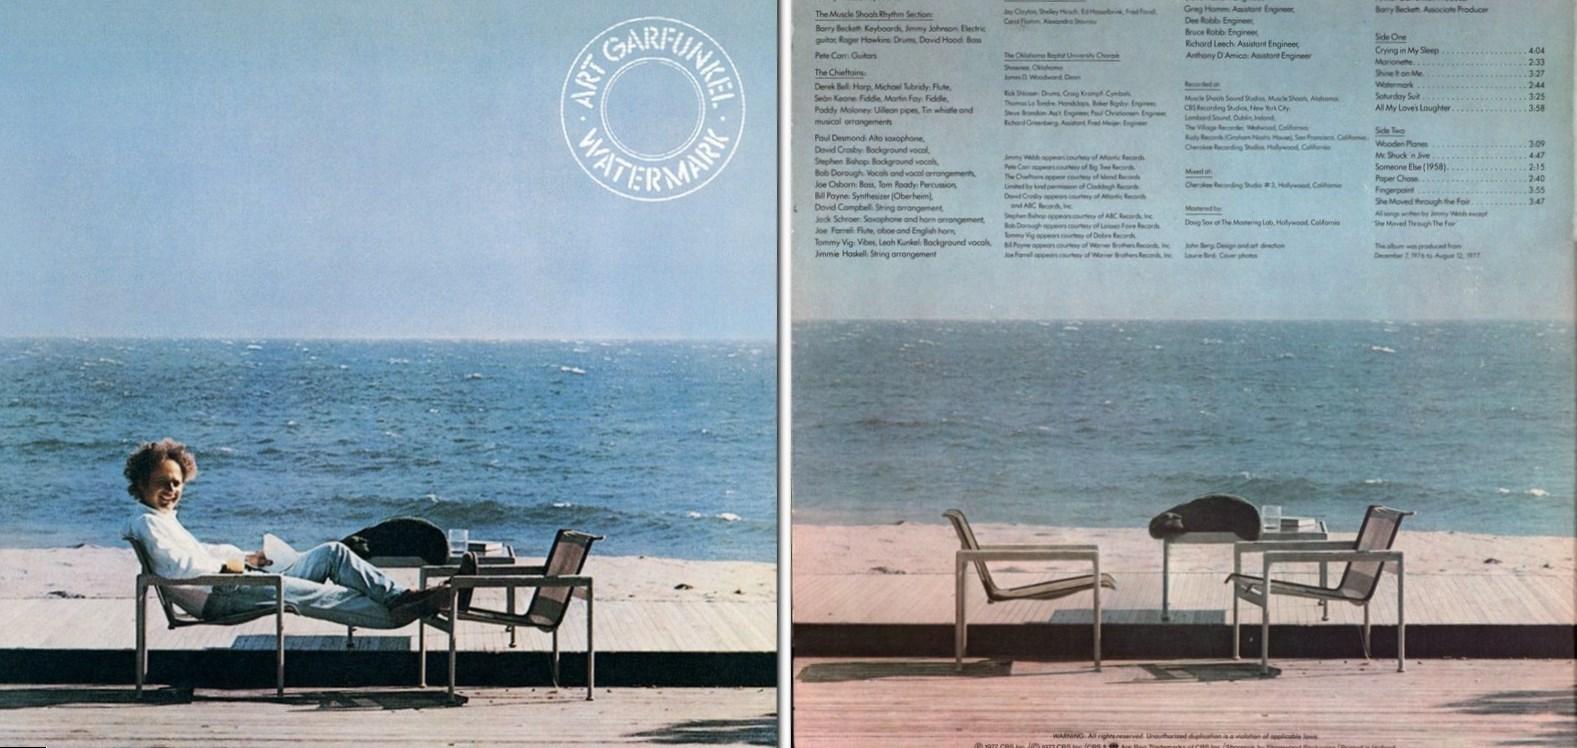 Art Garfunkel. Watermark. Album Cover